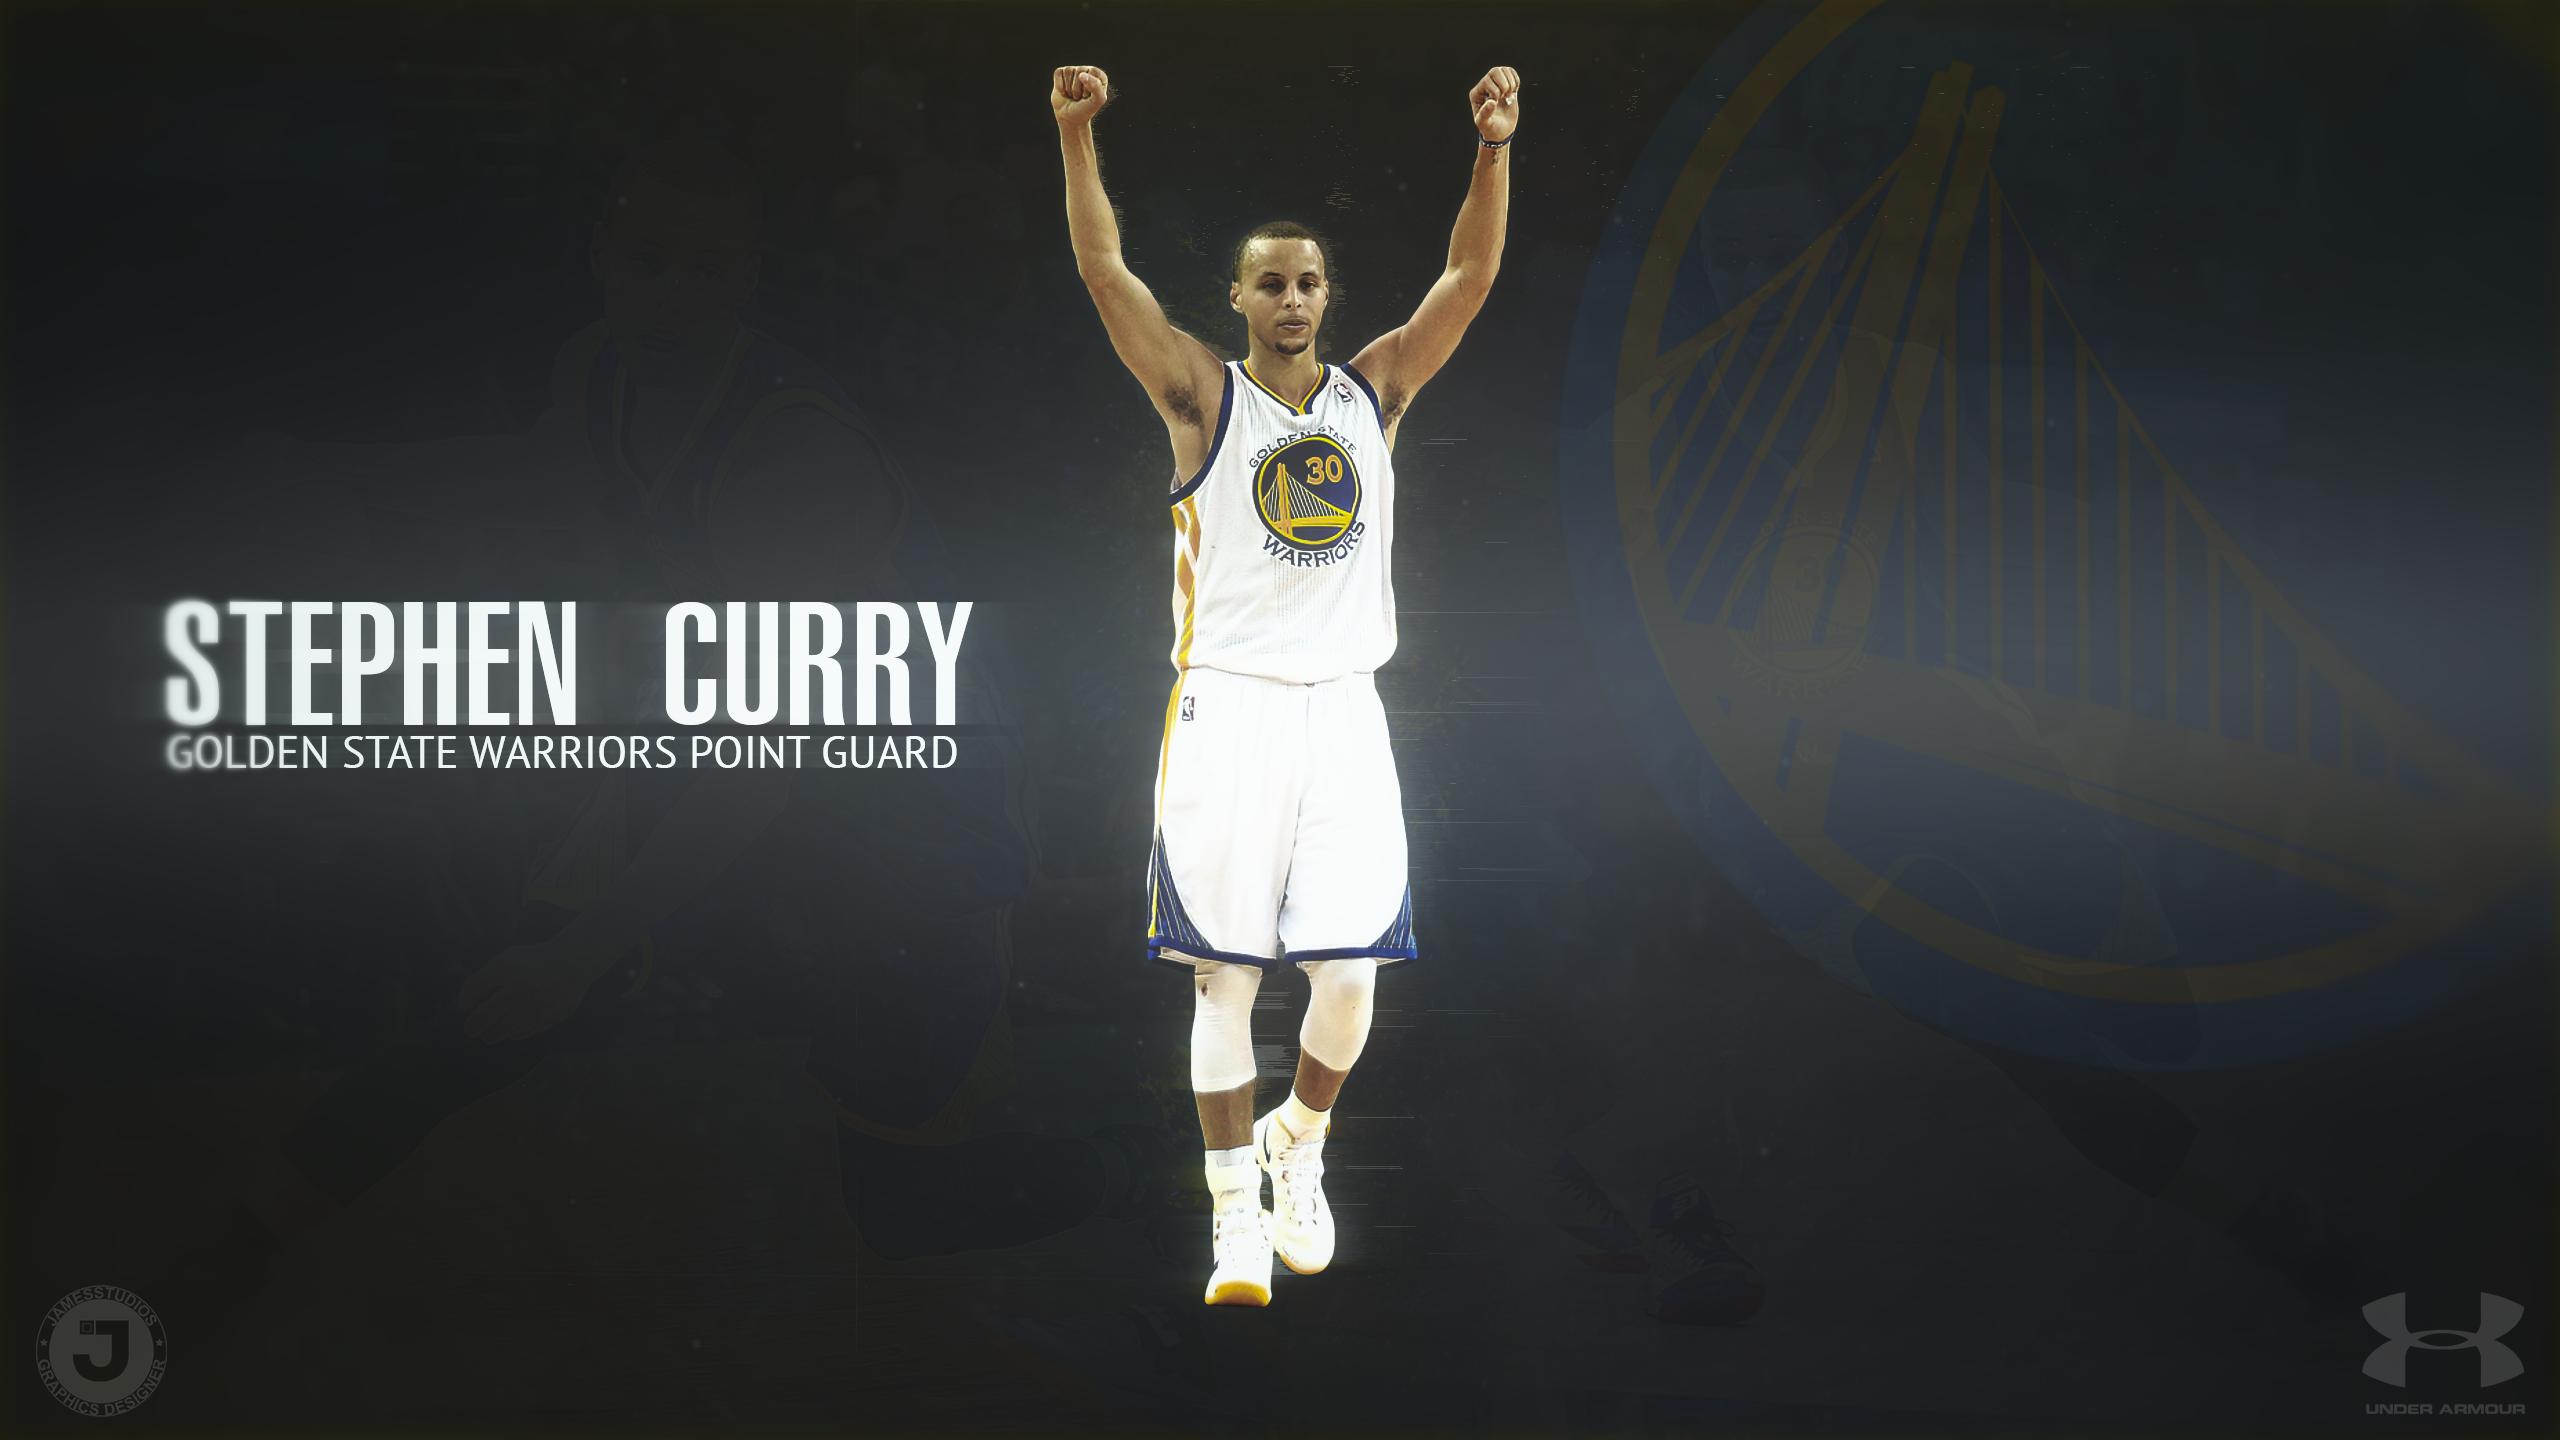 Stephen Curry Warriors Basketball Best Wallpaper Hd